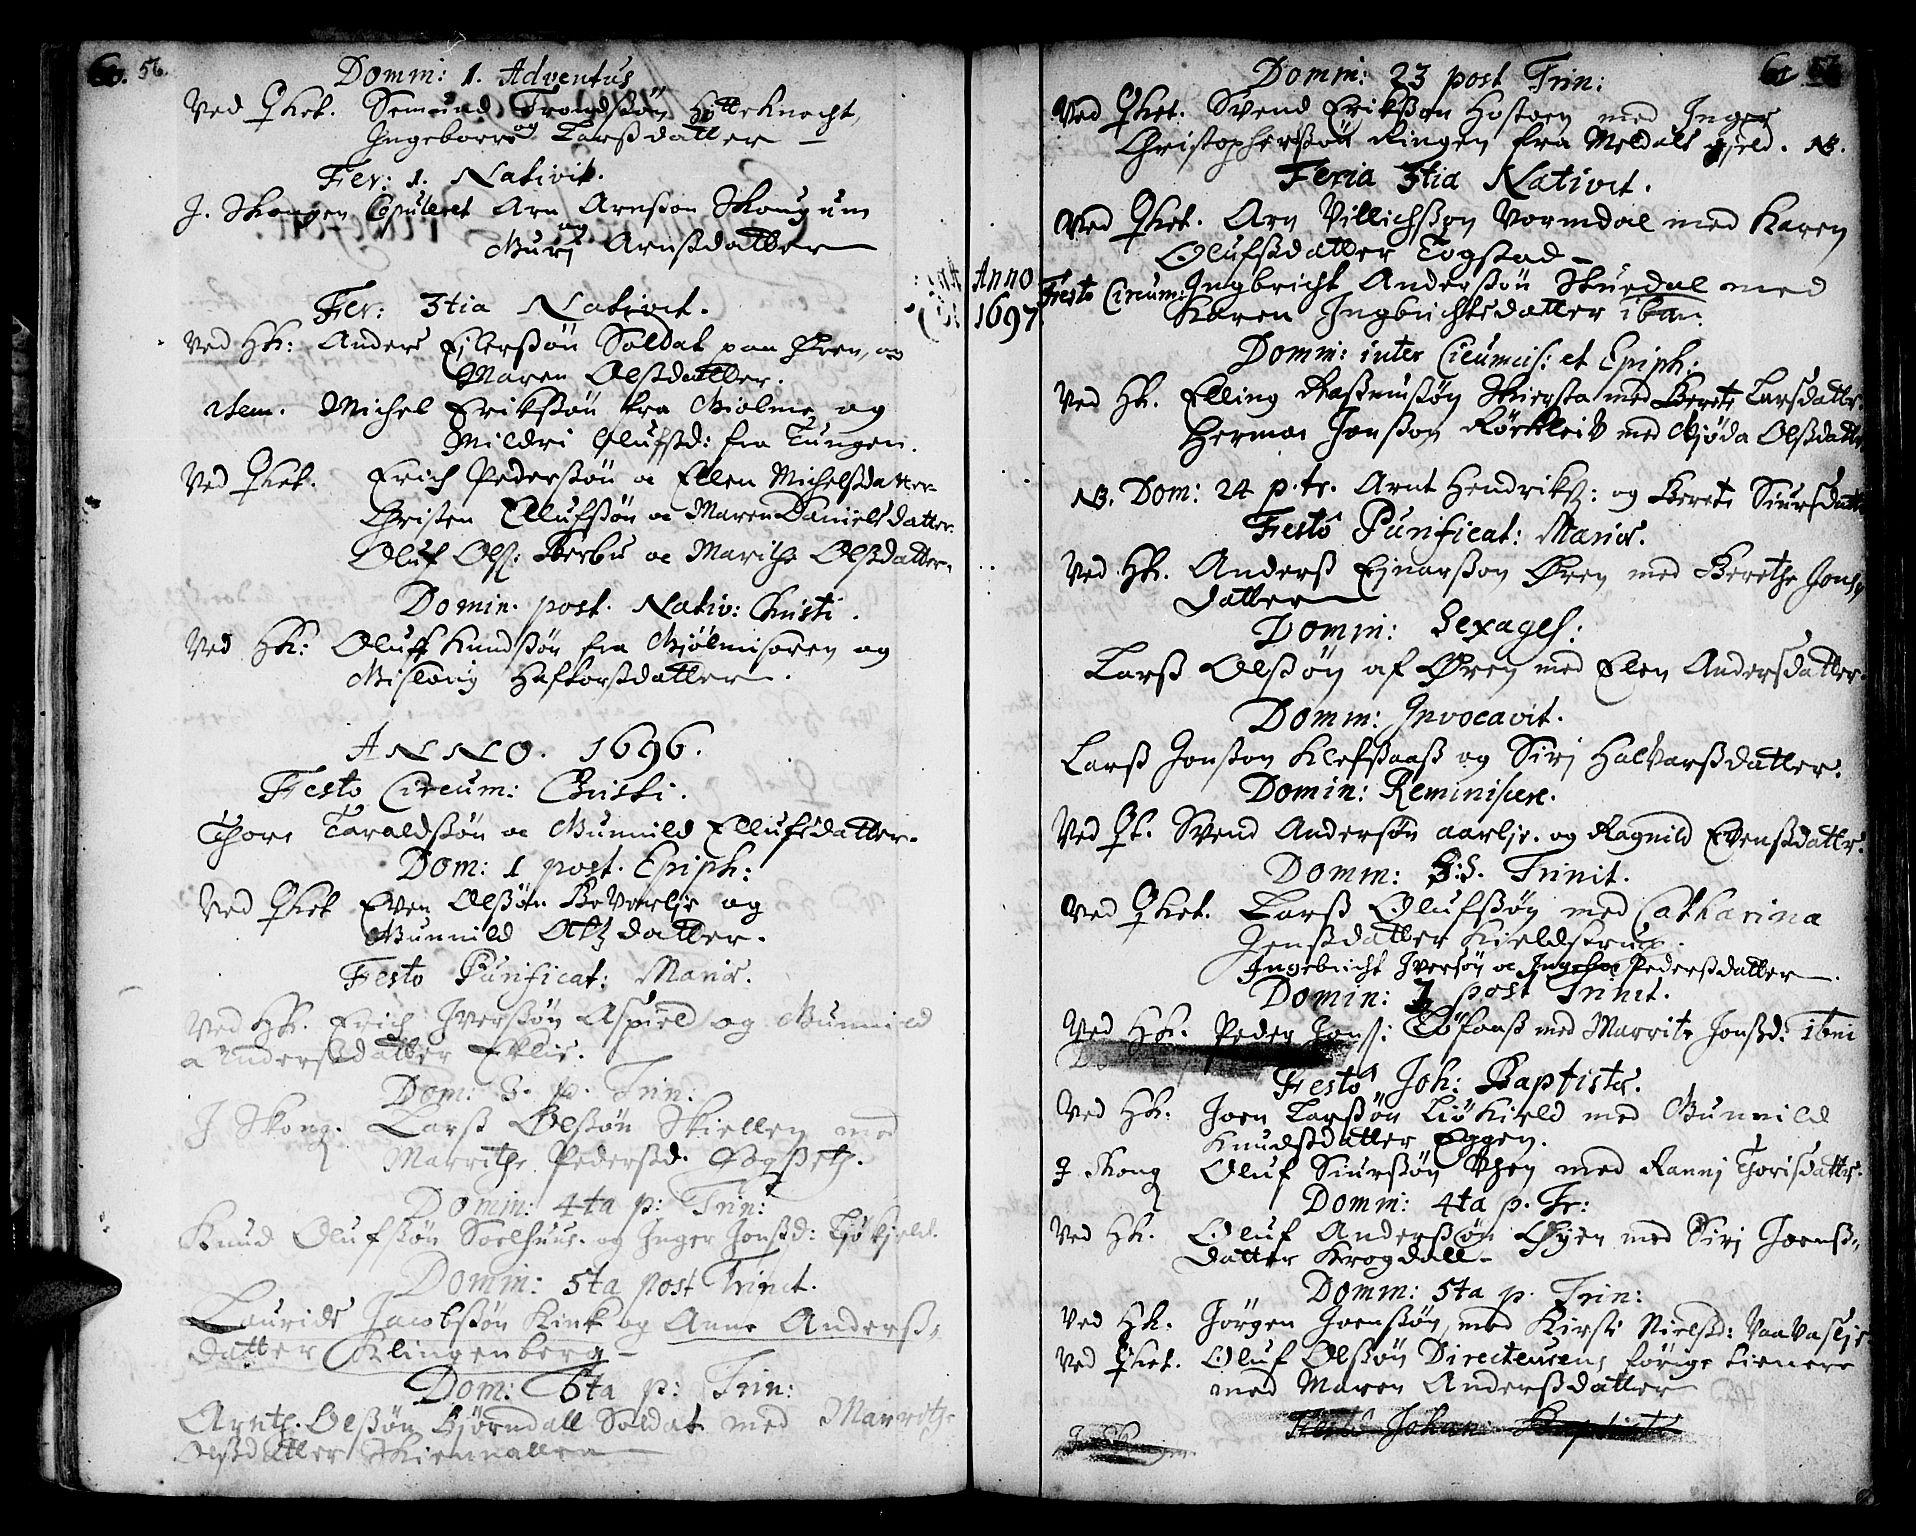 SAT, Ministerialprotokoller, klokkerbøker og fødselsregistre - Sør-Trøndelag, 668/L0801: Ministerialbok nr. 668A01, 1695-1716, s. 56-57